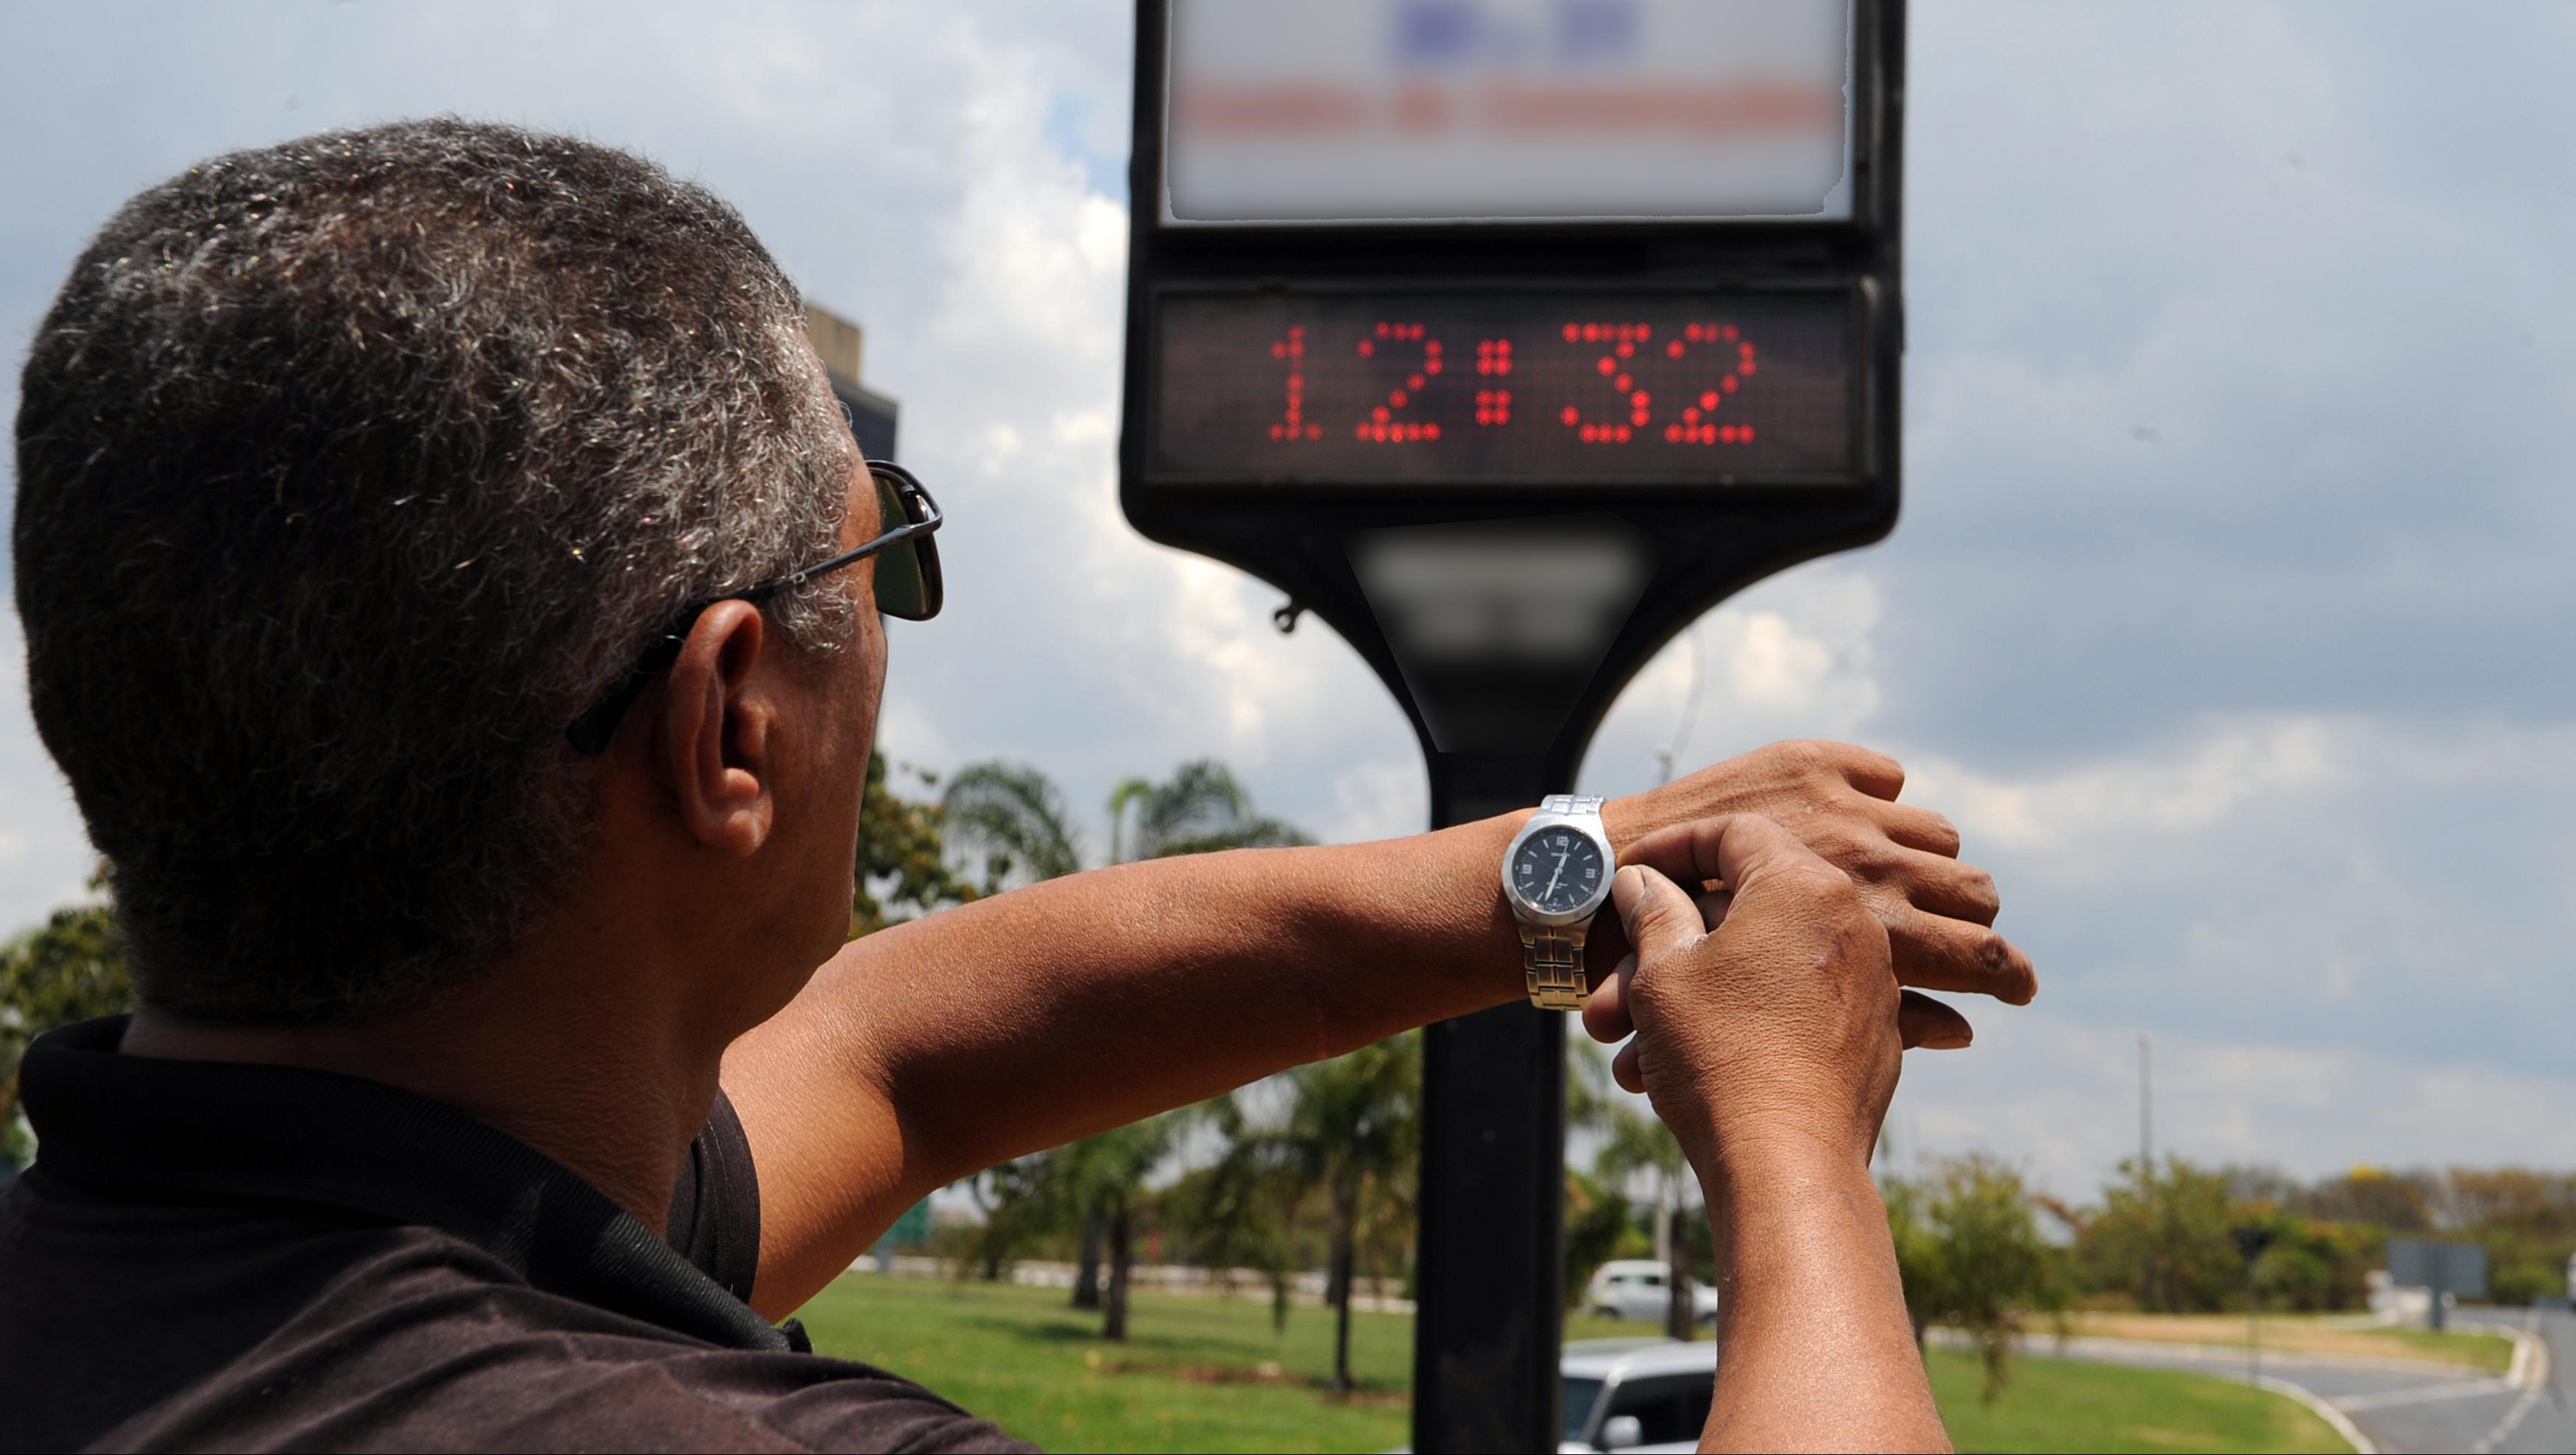 Governo desiste de prorrogação e horário de verão termina dia 22